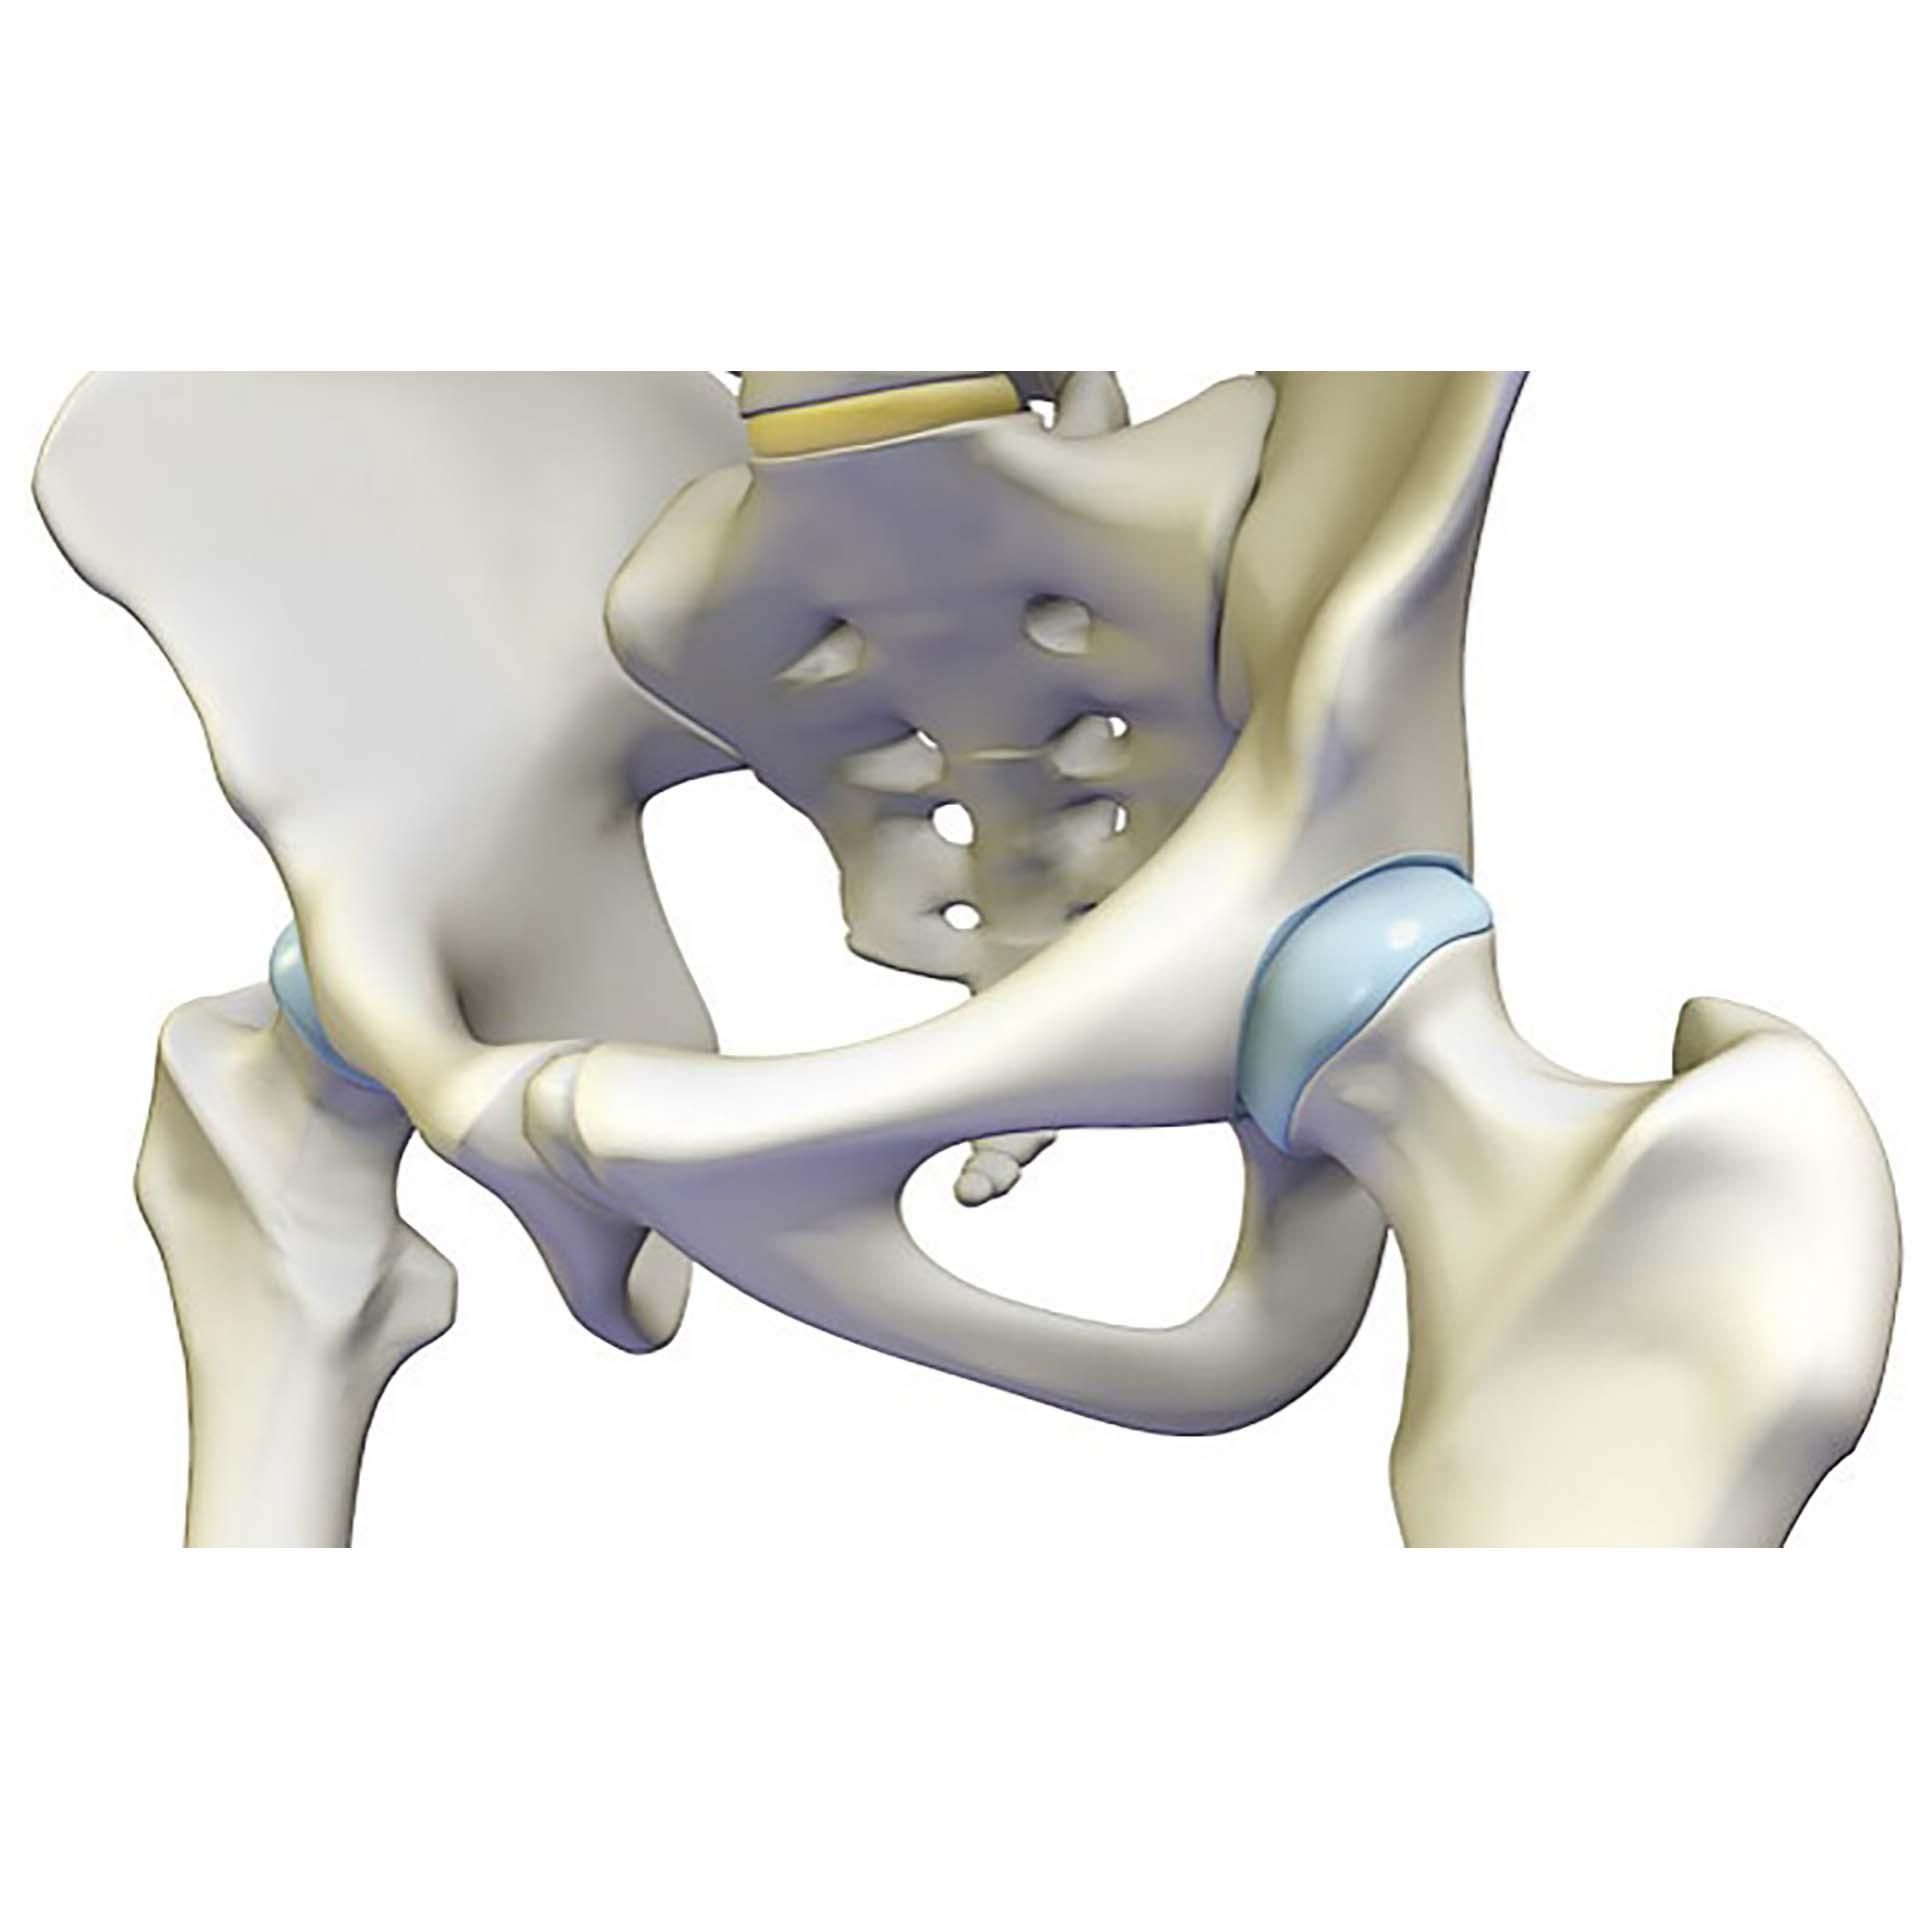 térdízületi kezelés zselatinnal kattan a térdízületben nincs fájdalom